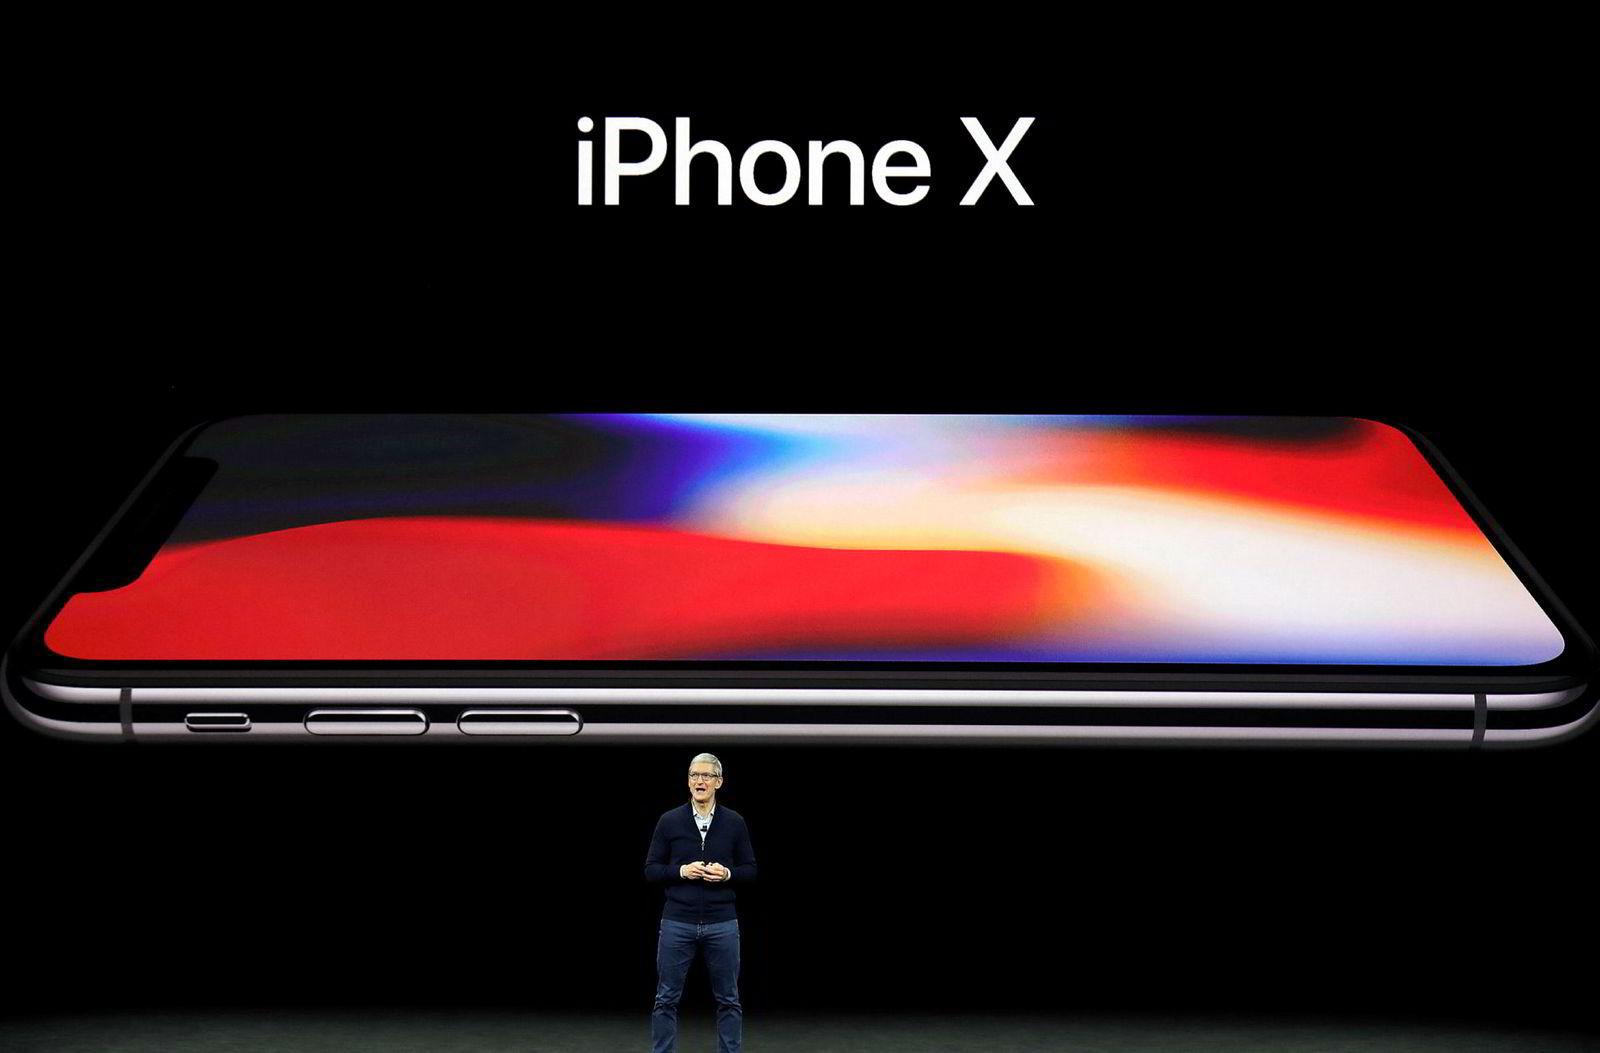 Iphone X har en skjerm nesten uten sidekanter og en ny måte å låse opp telefonen på.